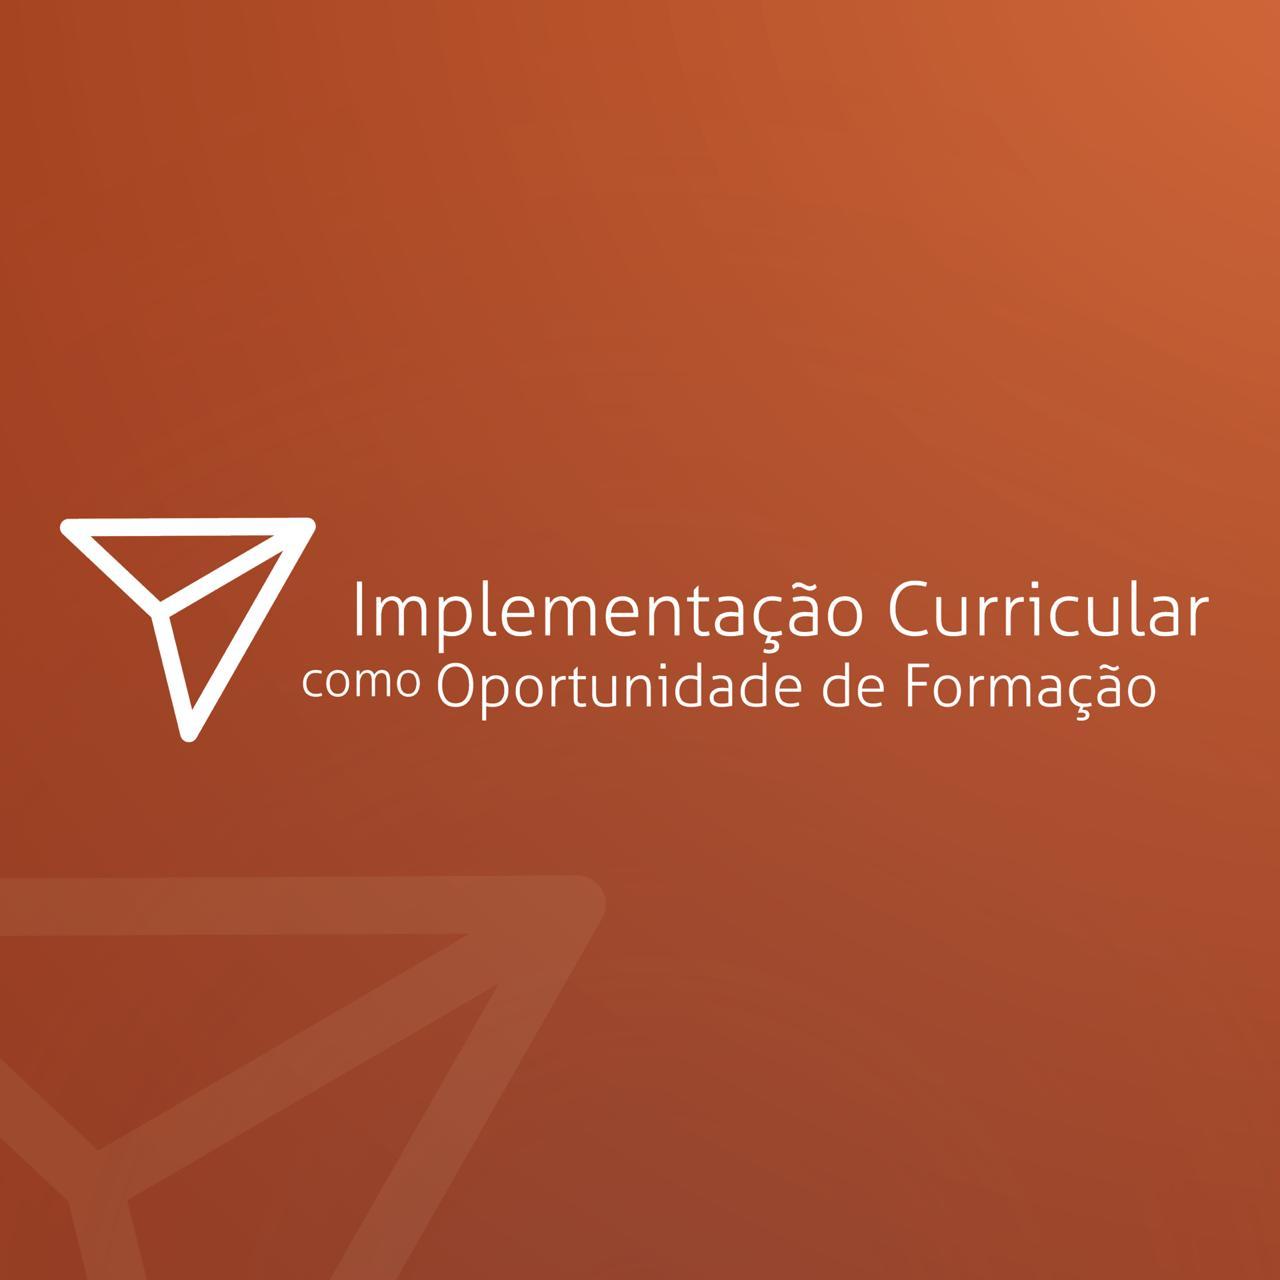 Undime SP promove seminário sobre a implementação curricular como oportunidade de formação